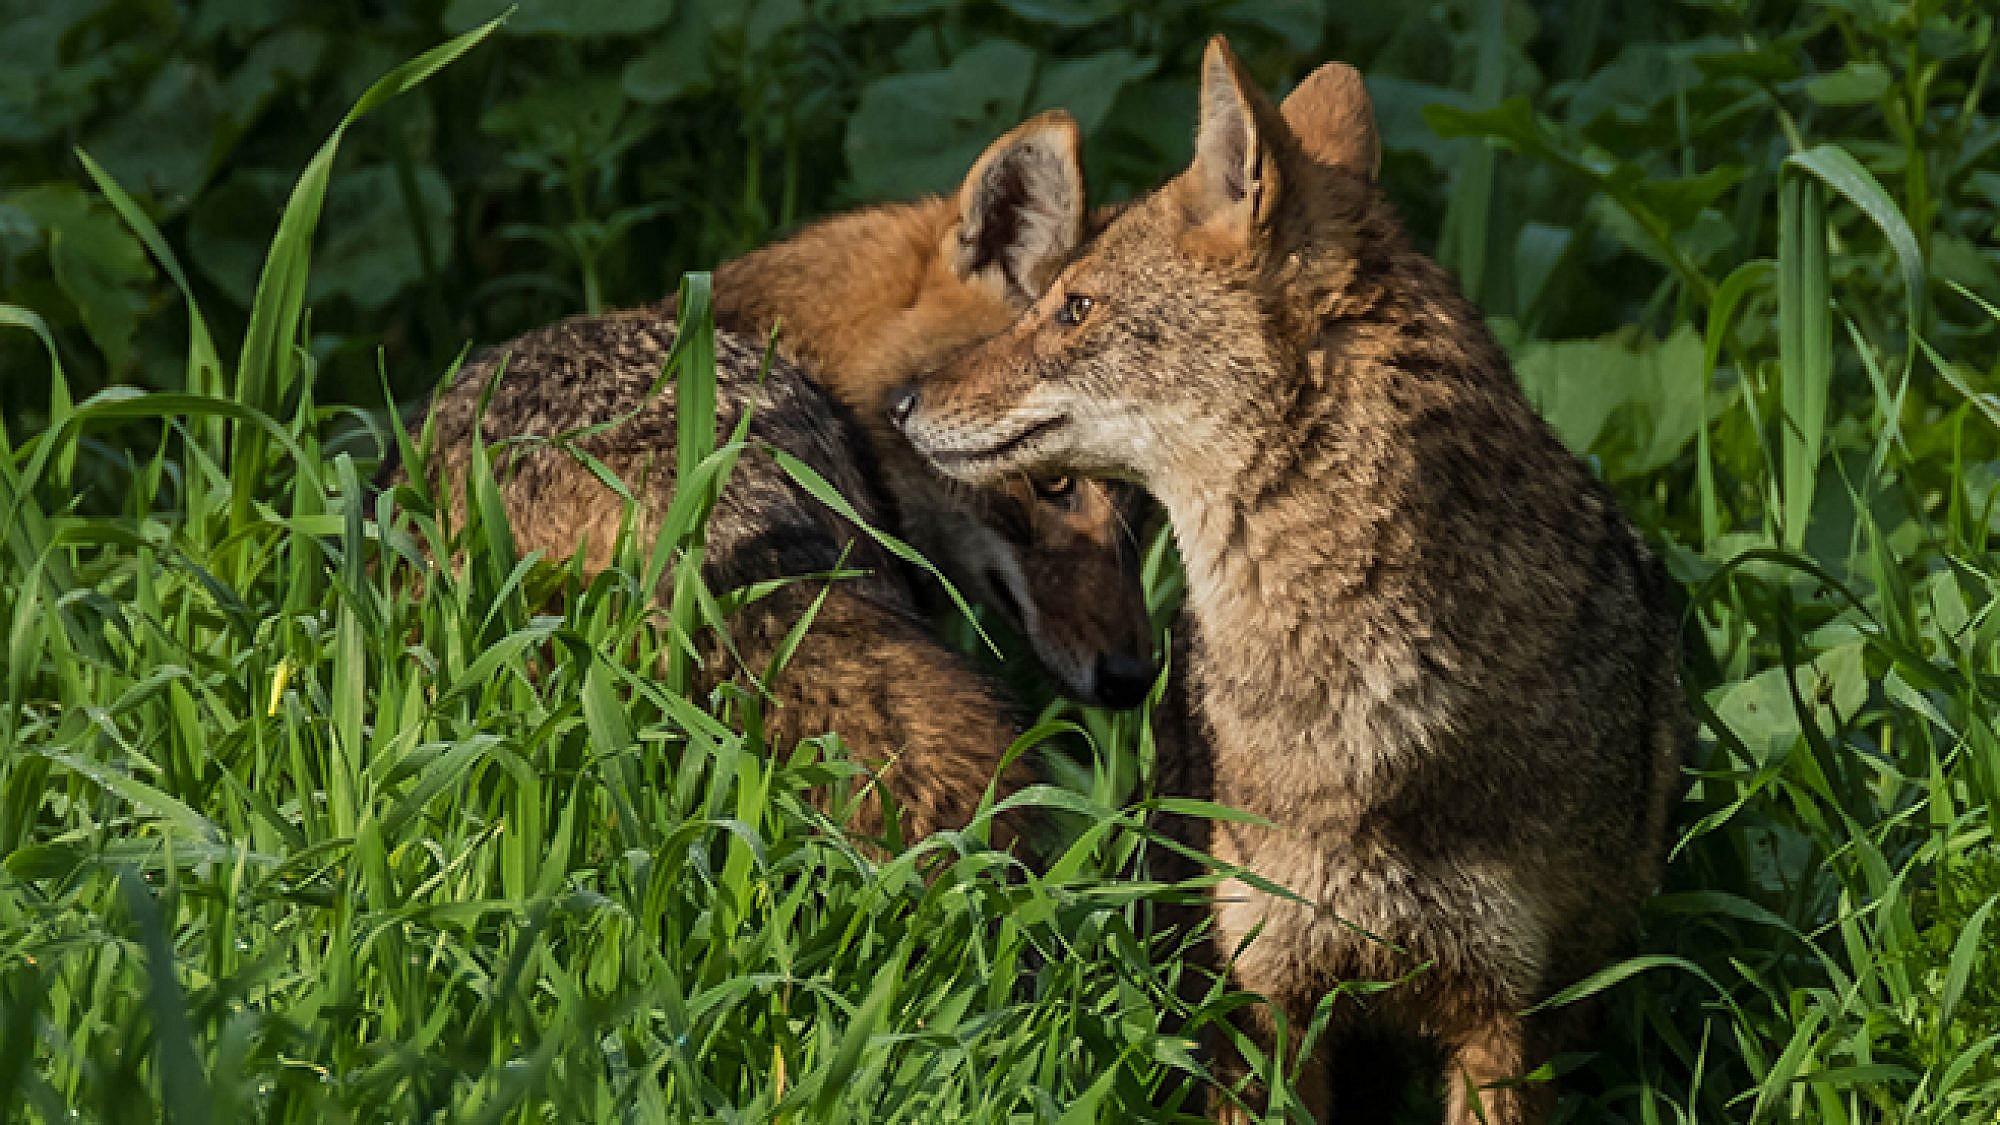 תנים בפארק הירקון (צילום: דורון מרגוליס)